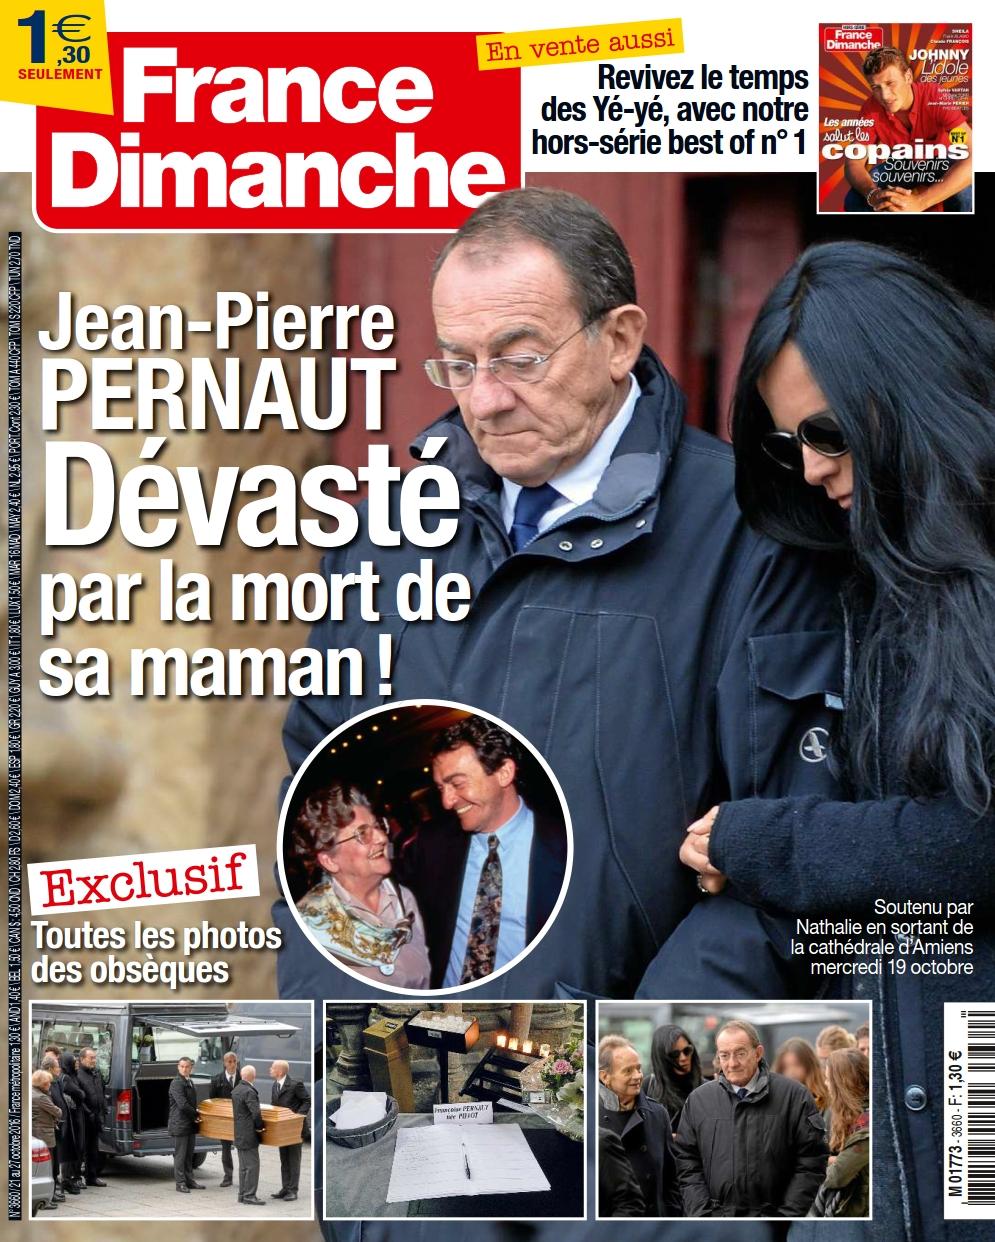 France Dimanche 3660 - 21 au 27 Octobre 2016